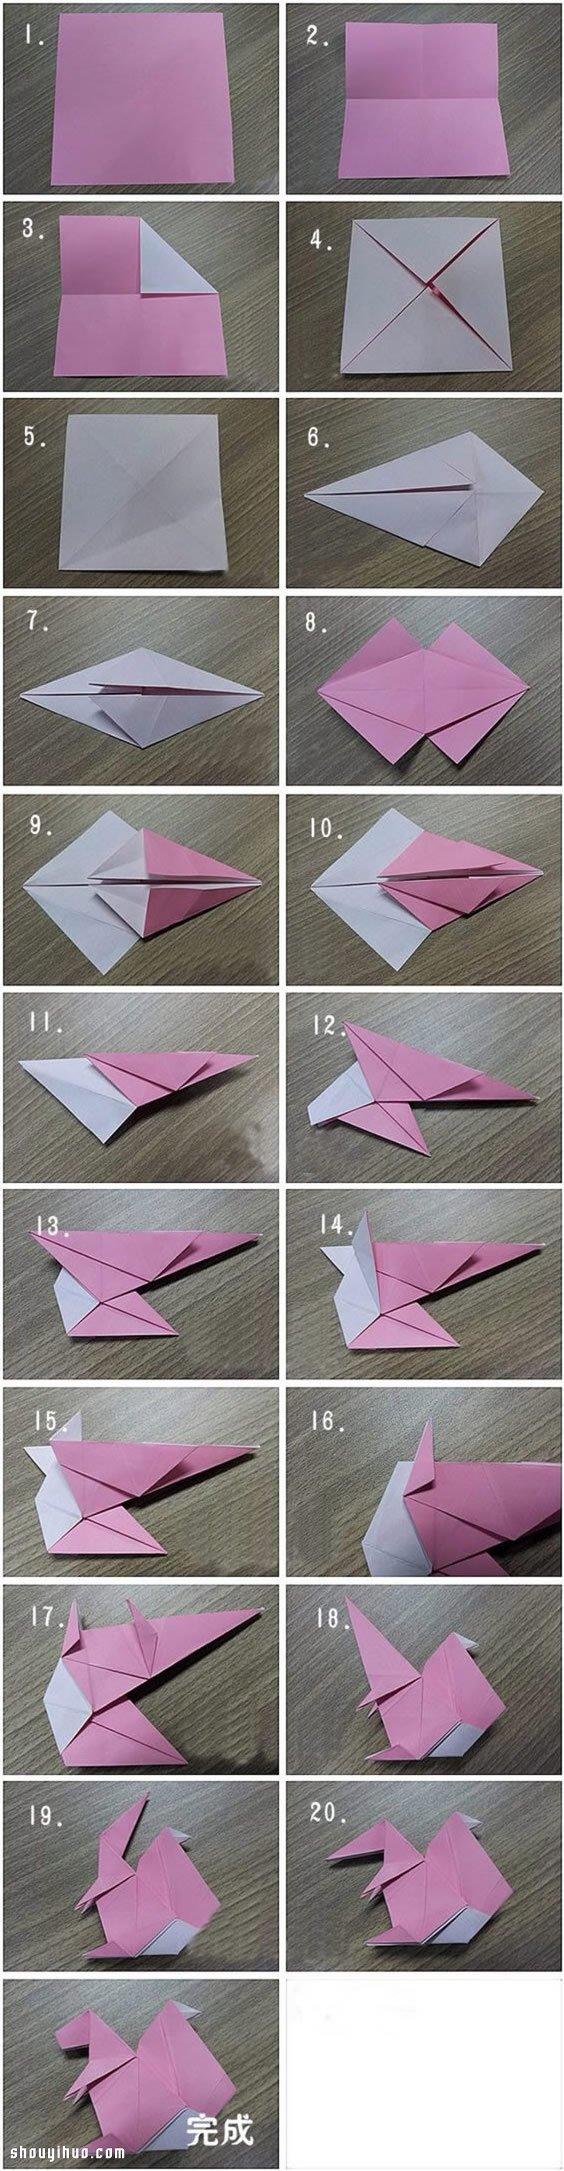 摺紙松鼠的折法圖解 手工摺紙松鼠方法教學